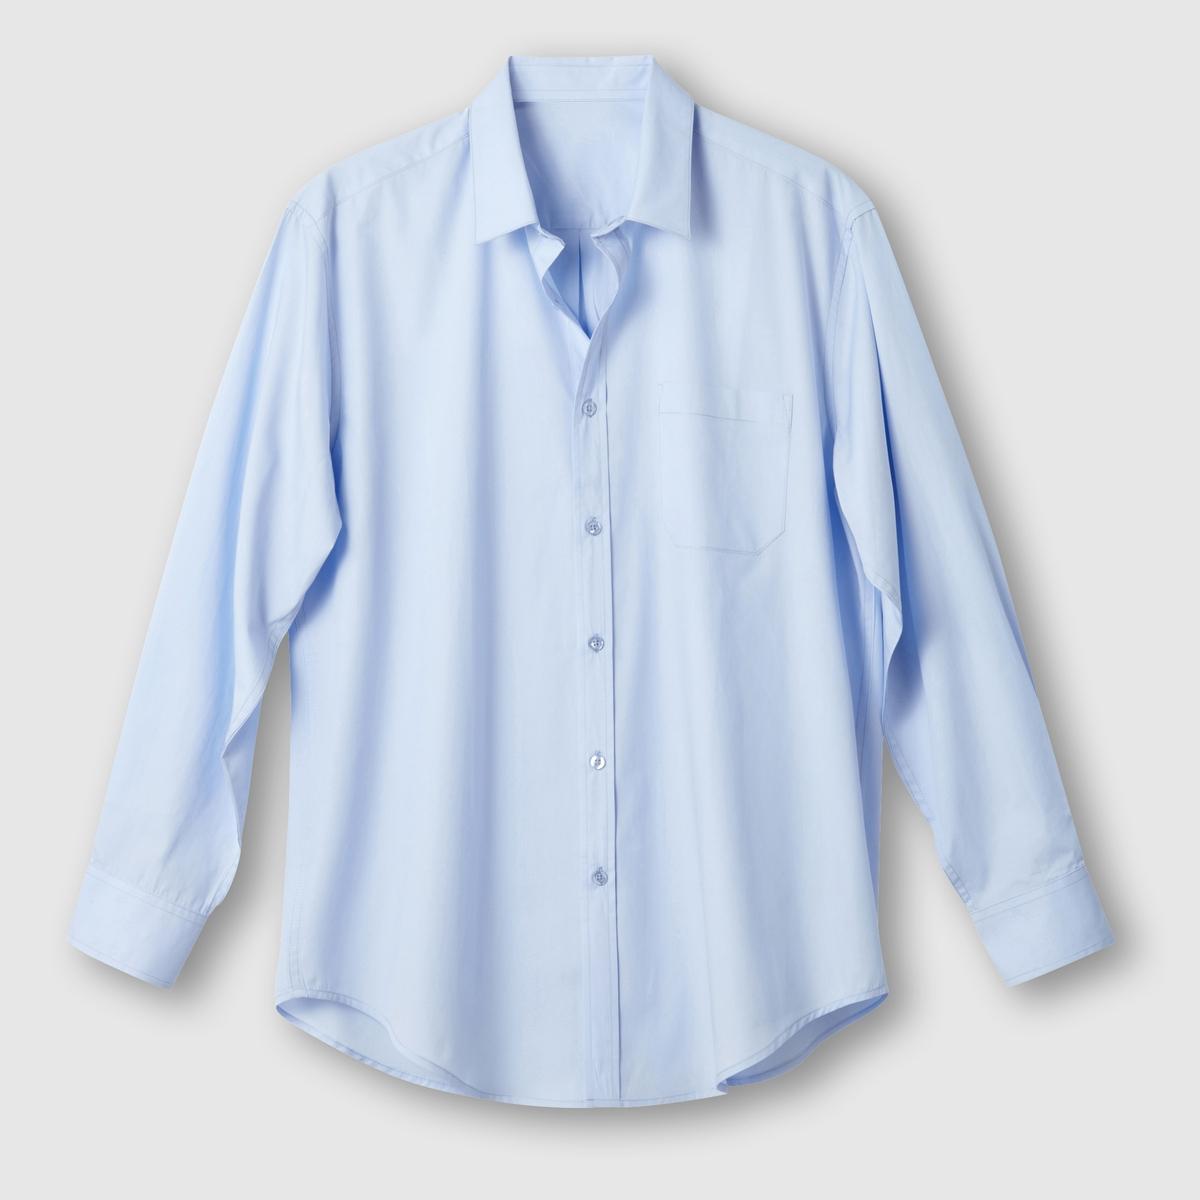 Рубашка однотонная с длинными рукавамиОписание:Детали •  Длинные рукава •  Прямой покрой •  Классический воротникСостав и уход    •  Стирать при 40° •  Любые растворители / не отбеливать   • Барабанная сушка на слабом режиме       • Средняя температура глажки Товар из коллекции больших размеров •  Длина: 86 см<br><br>Цвет: голубой,синий морской<br>Размер: 45/46.49/50.51/52.55/56.41/42